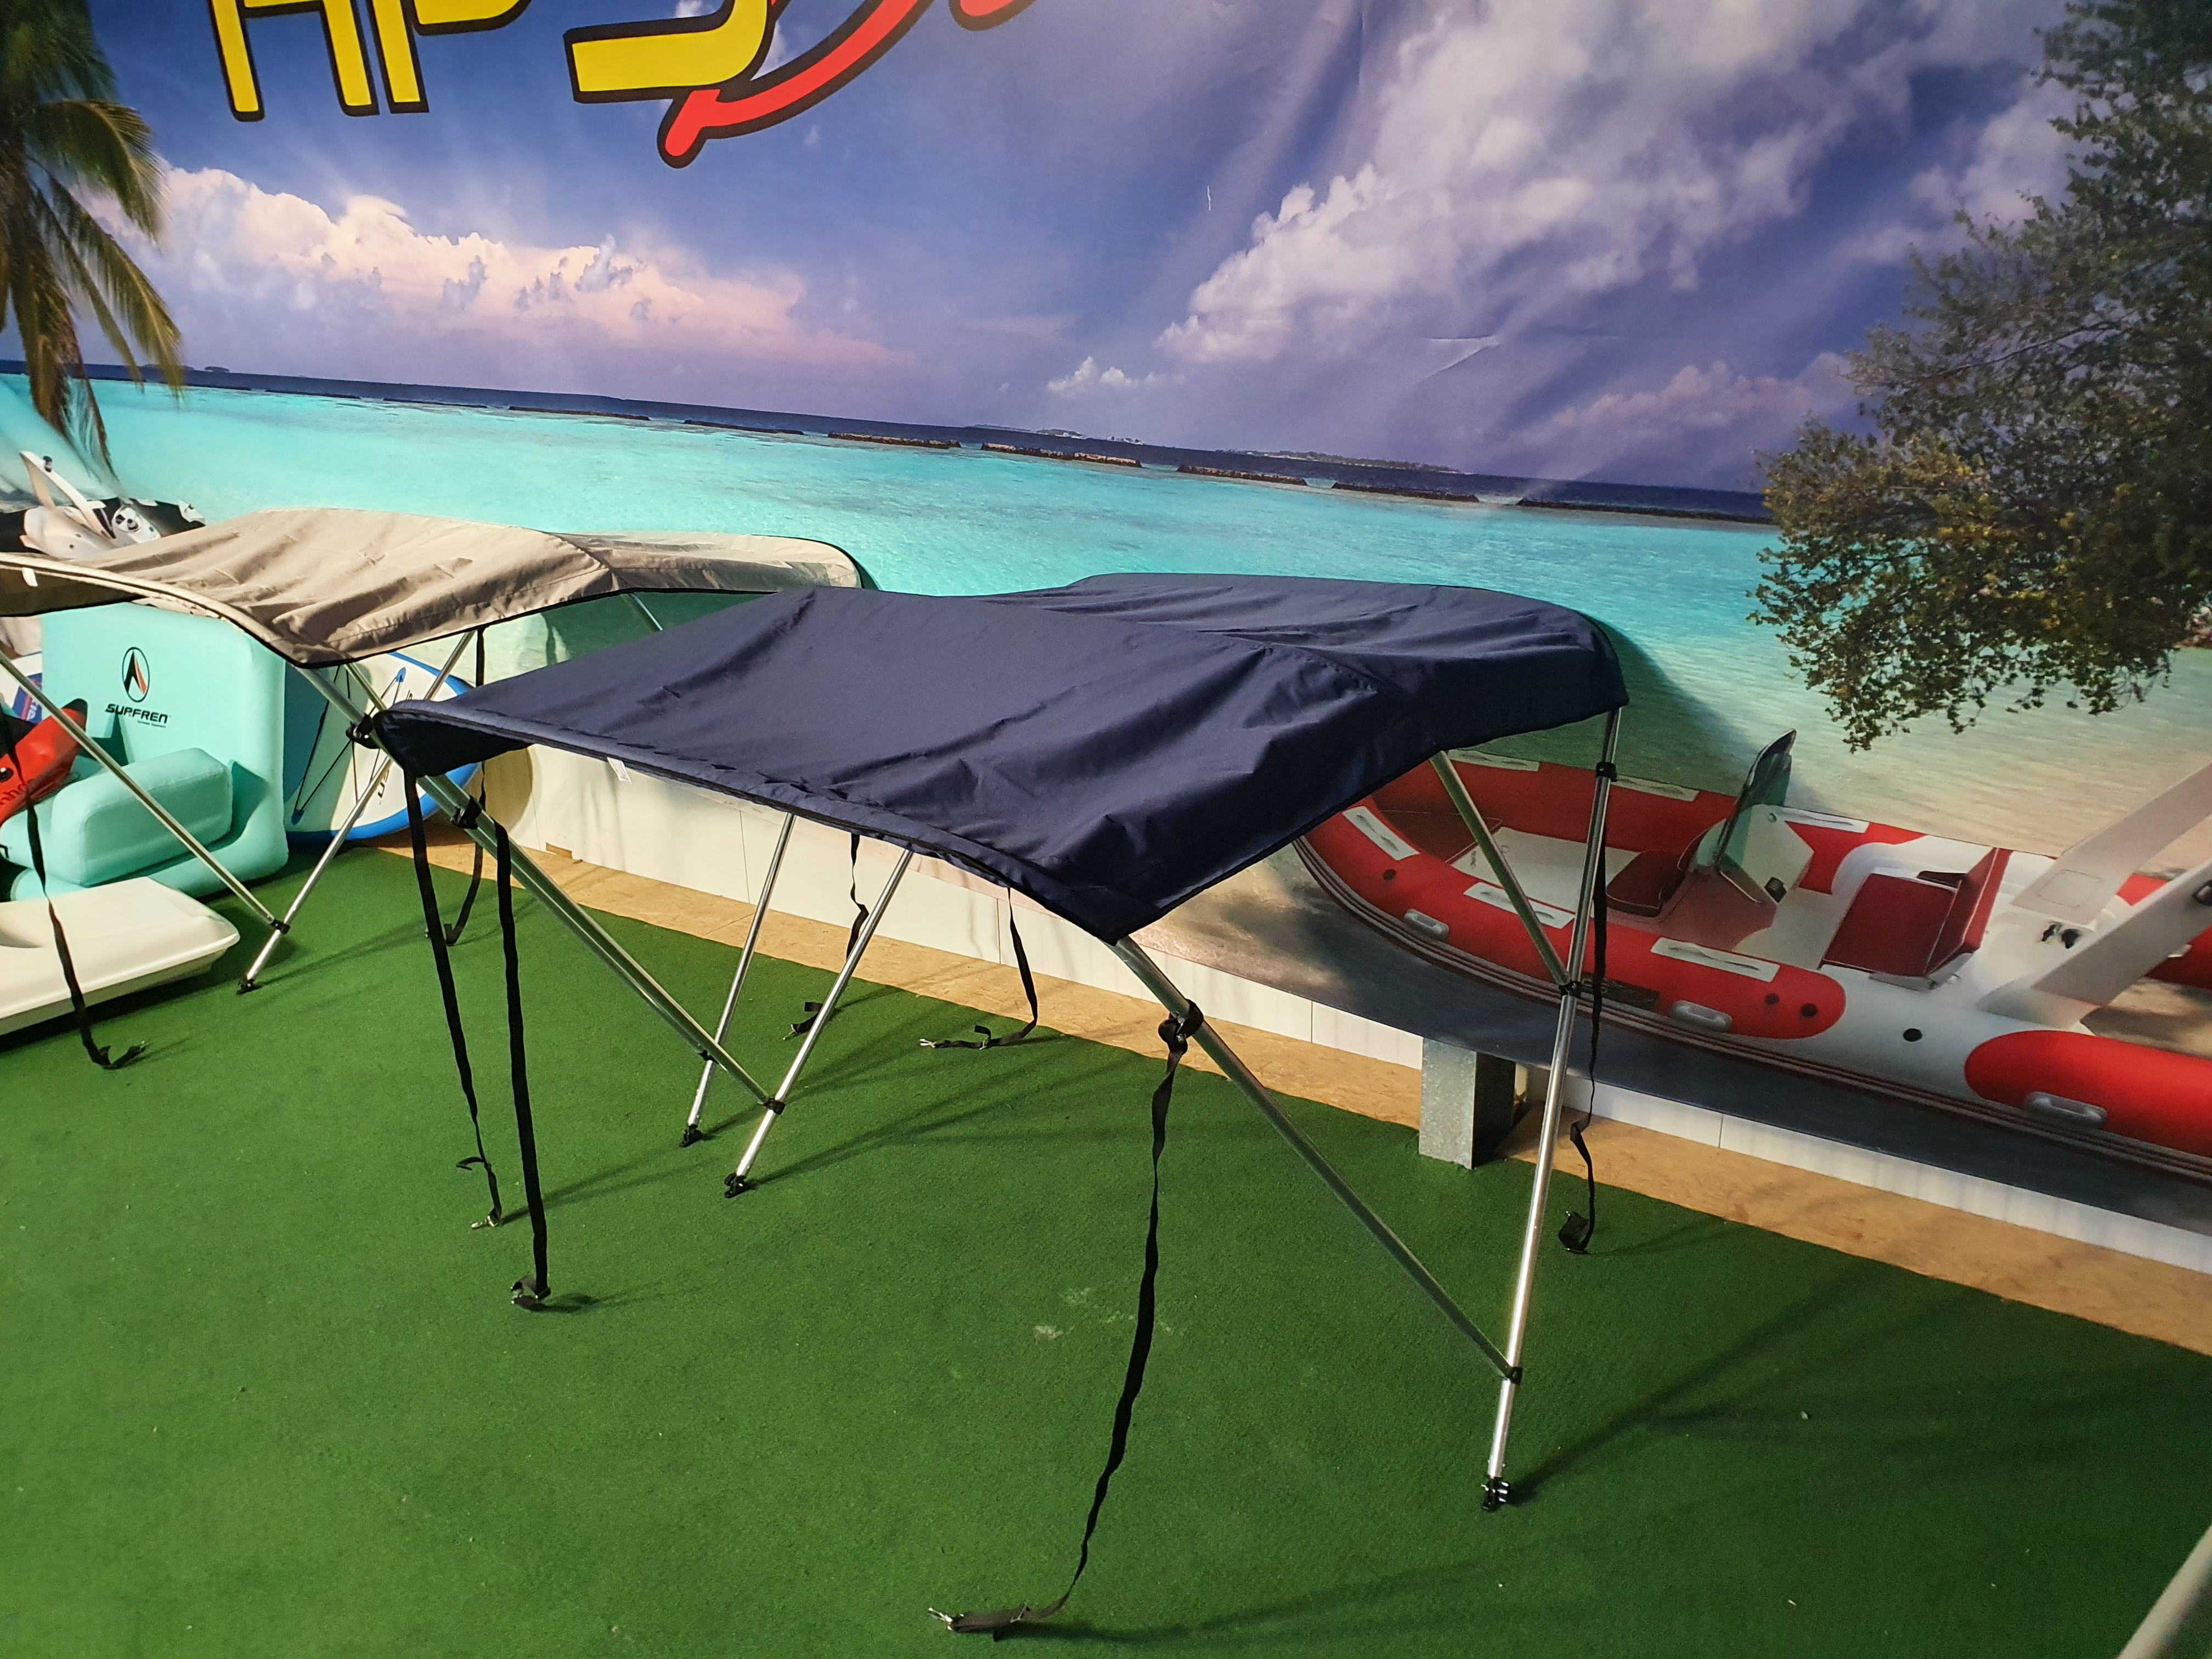 Bimini Top 1,90m -2,00mm in Grau für GFK Boot oder Schlauchboote Kopie